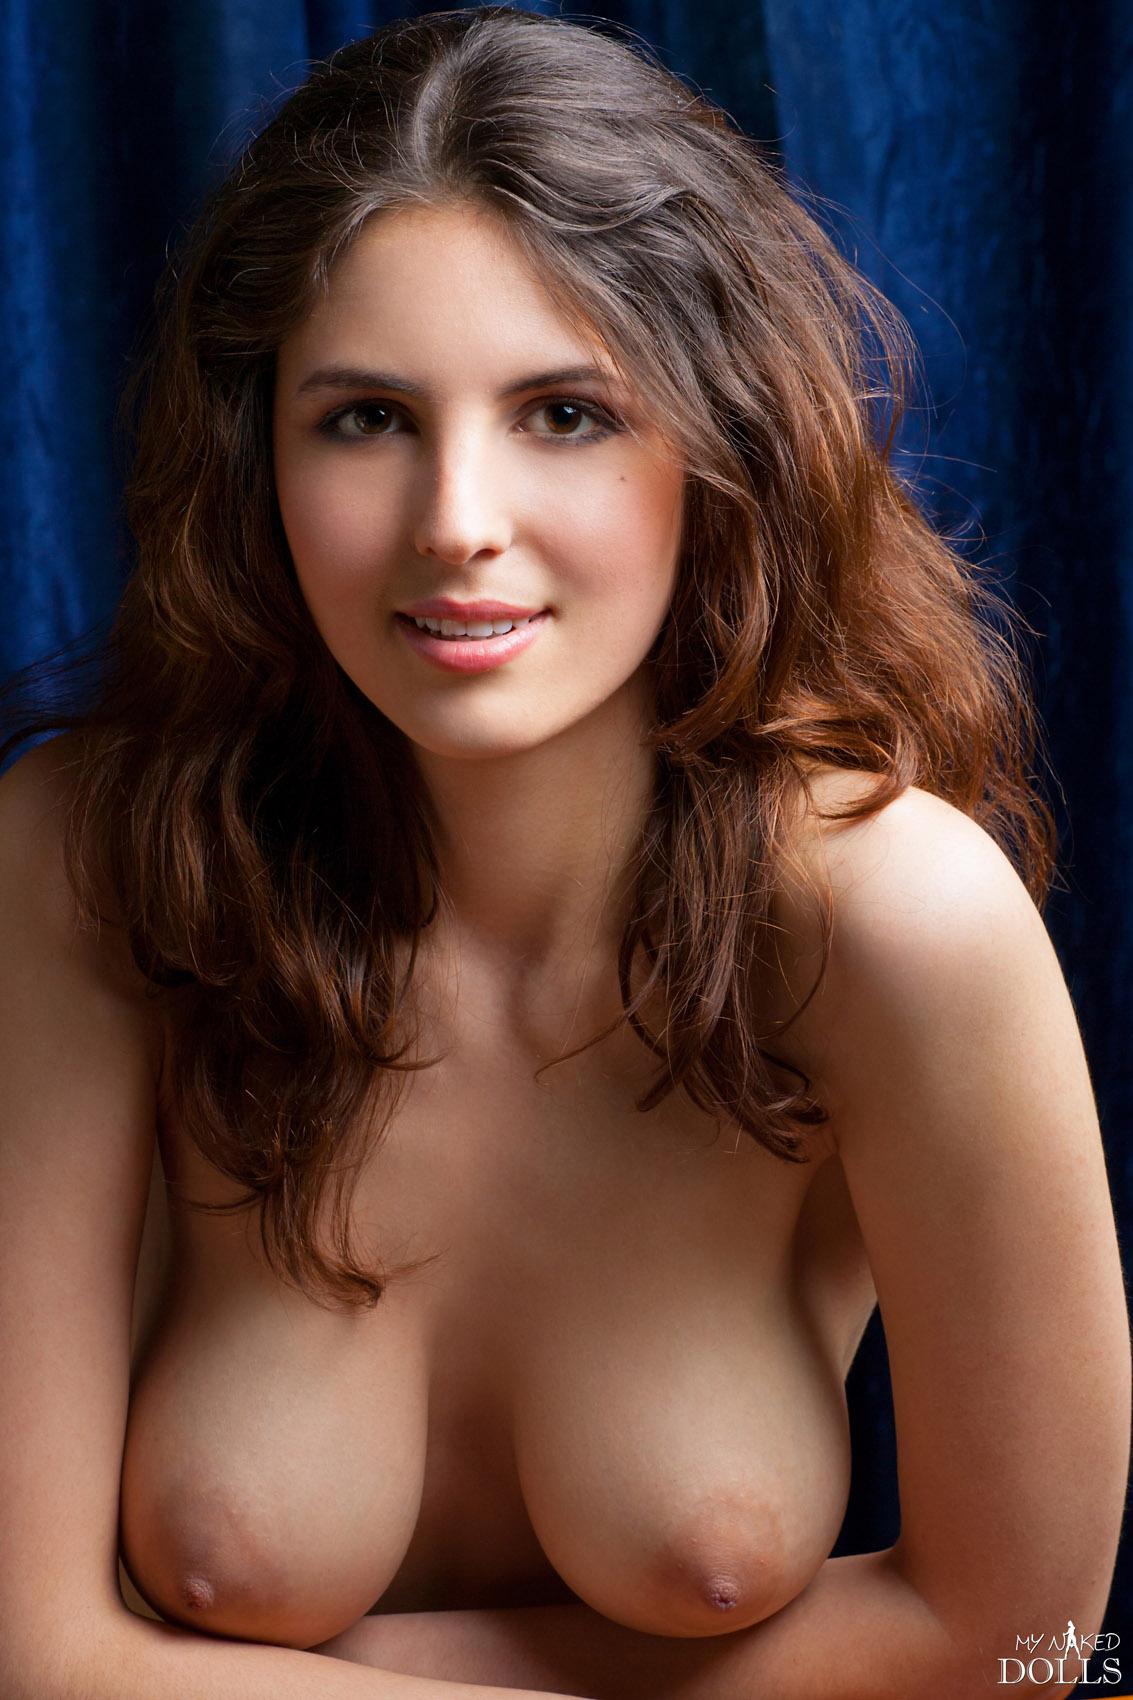 Marta big boobs erotica video